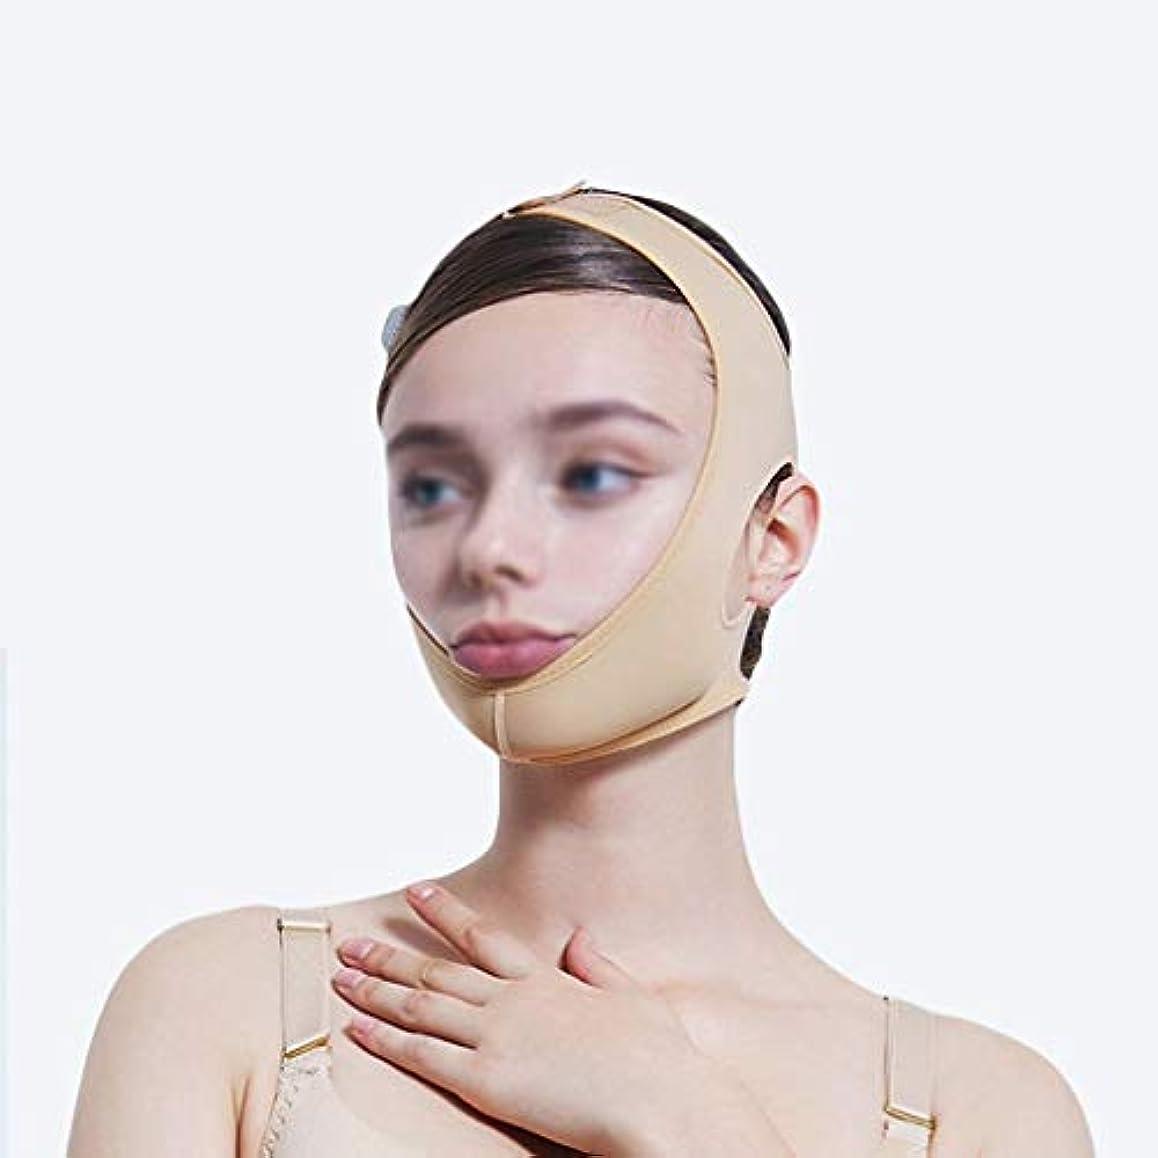 考古学的な案件密フェイシャルライン、頬、しわ防止フェイシャル減量、フェイスバンド、フェイスマスク、フェイスリフティング、通気性、ダブルチンストラップ(サイズ:XXL),M